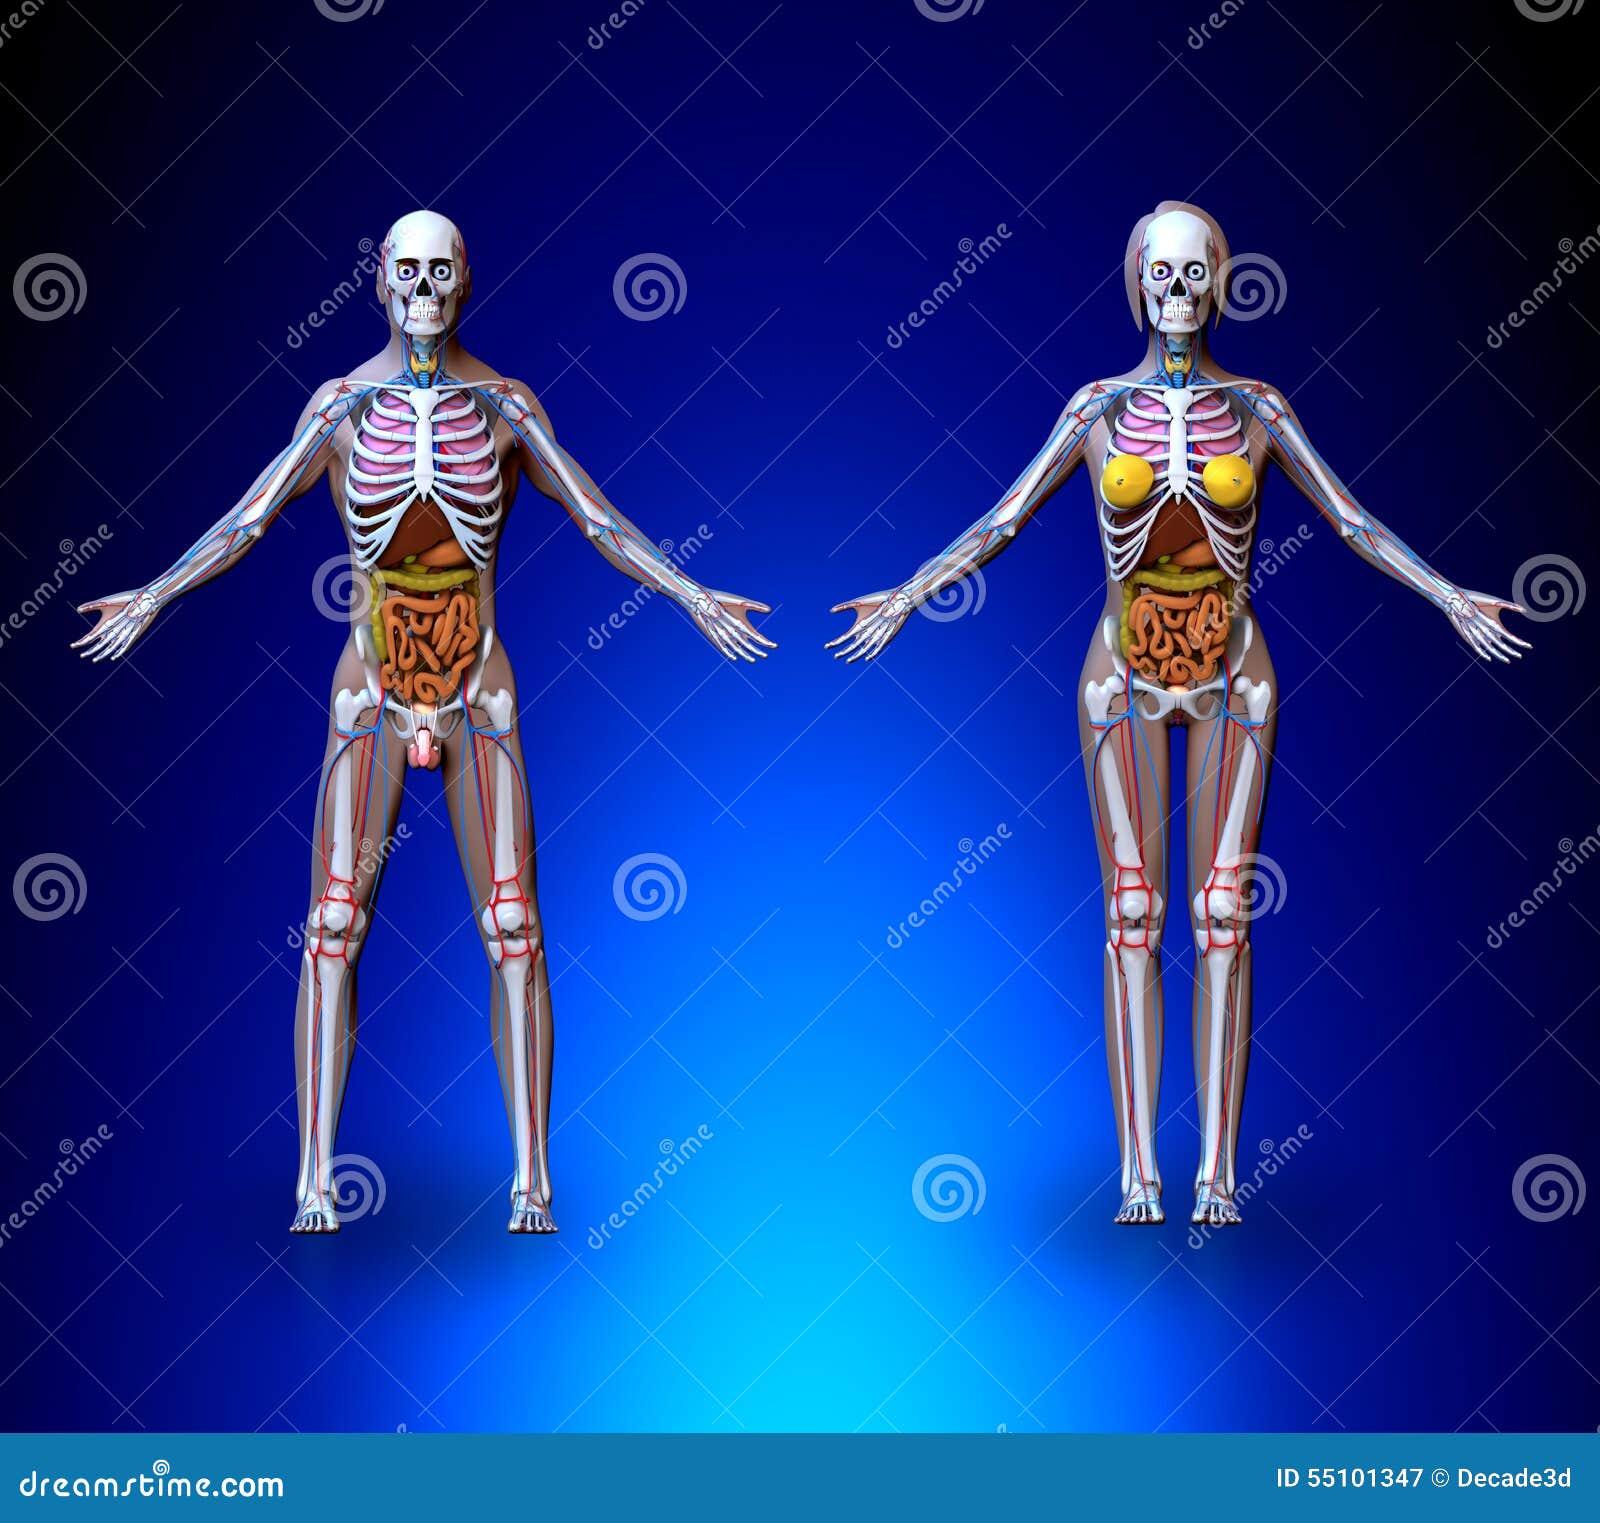 Tolle Weibliche Hormonsystem Ideen - Menschliche Anatomie Bilder ...